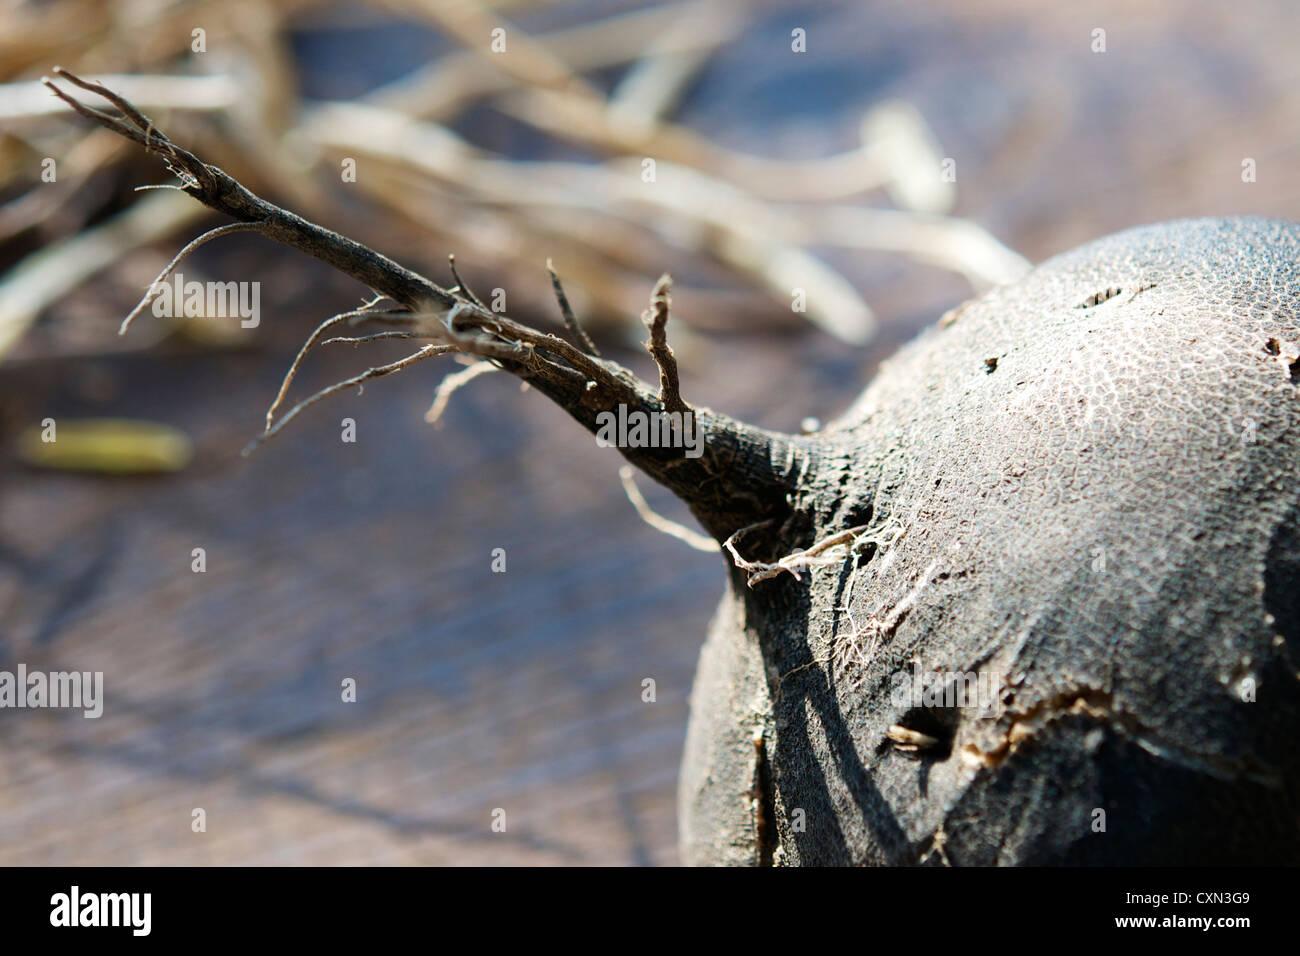 Black (Skinned) Radish (Rapahnus sativus) - Stock Image